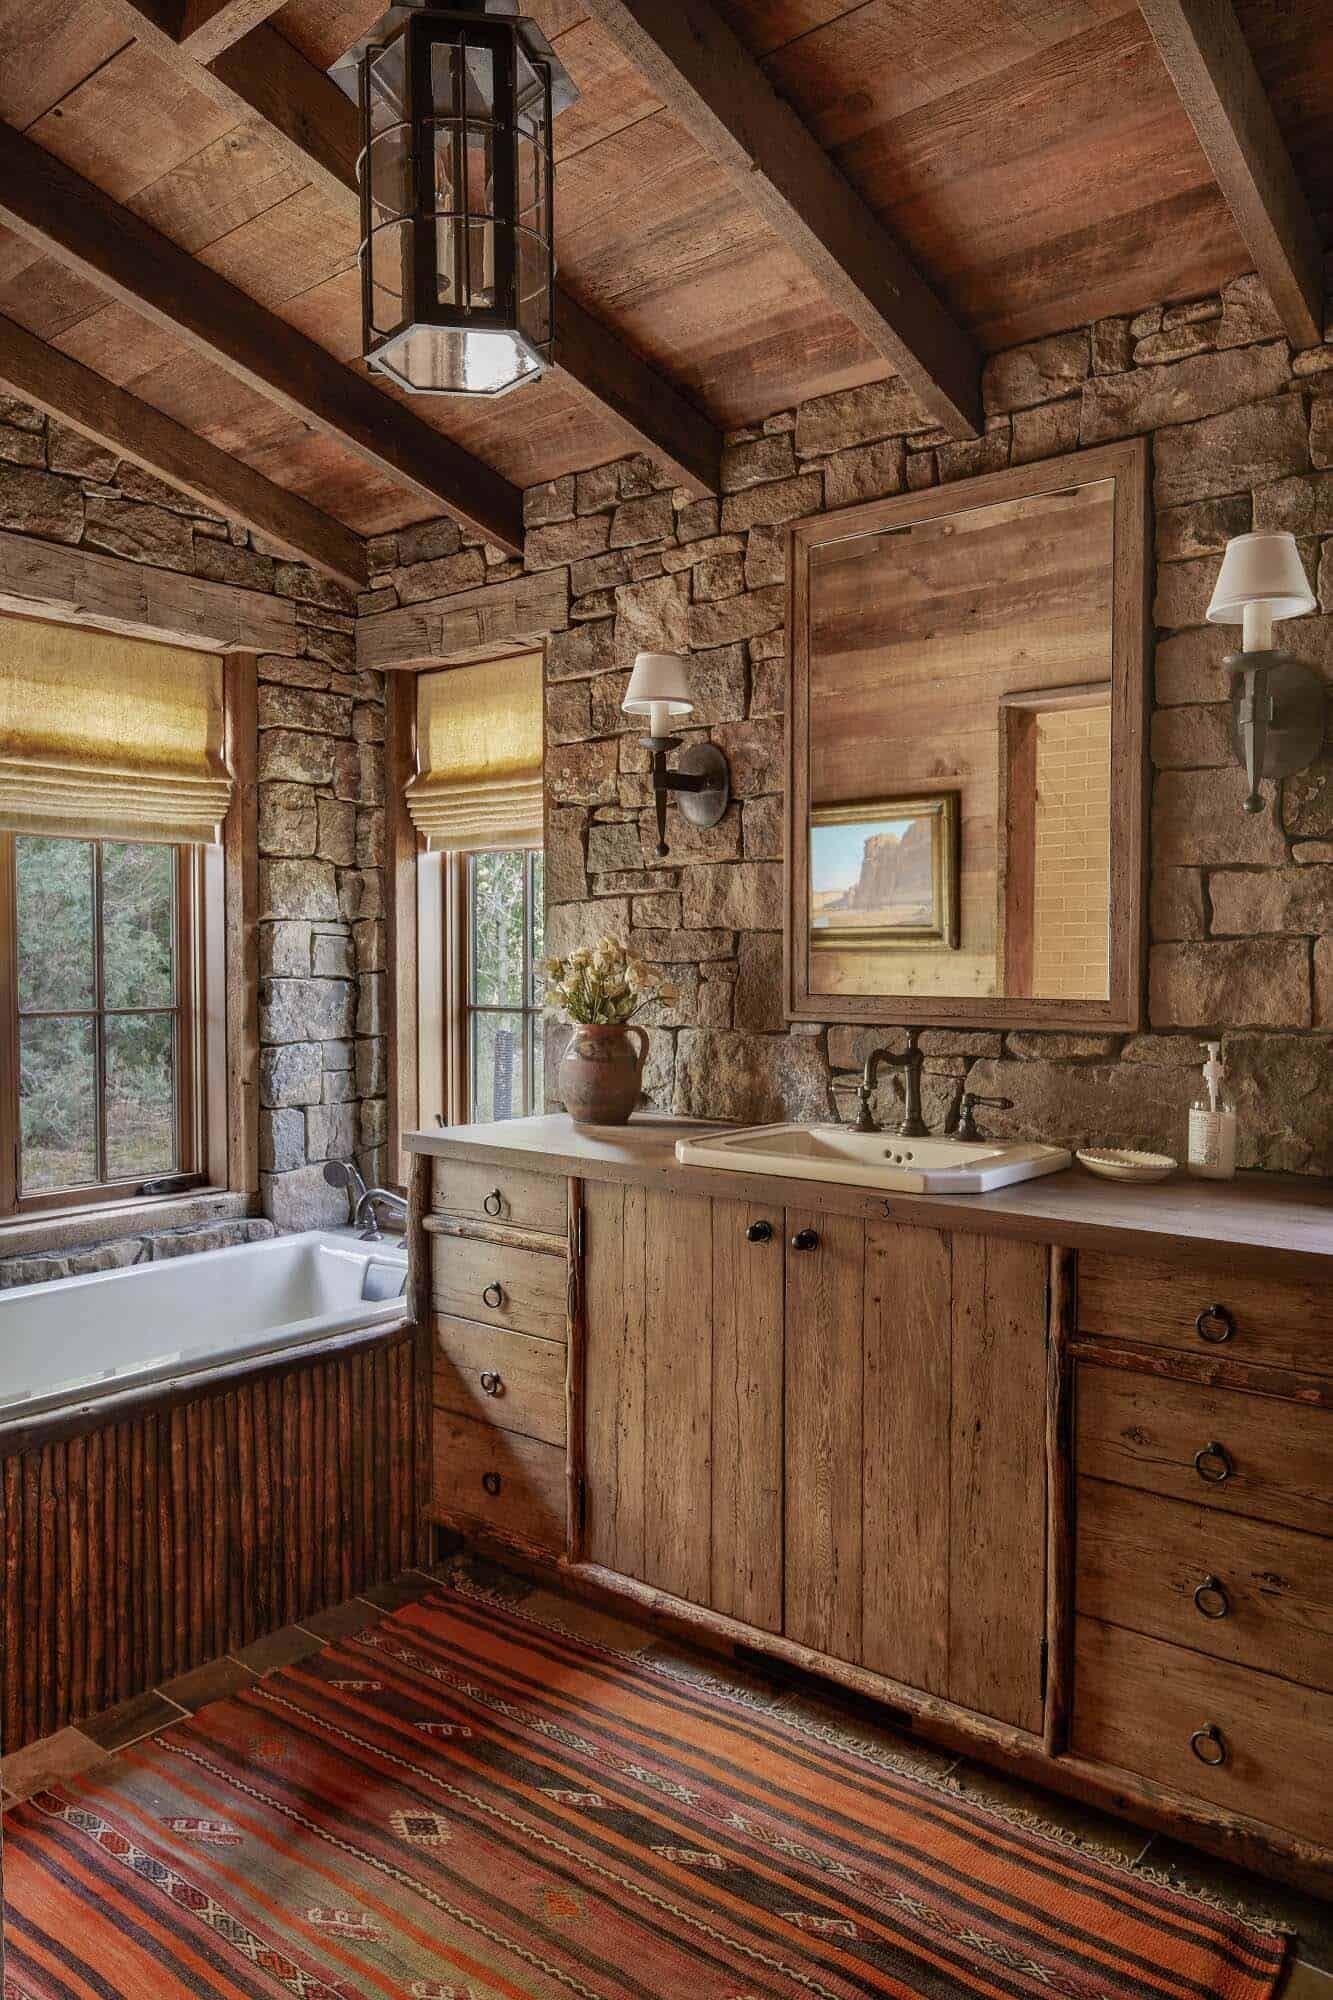 Rustic Ranch In Utah Designed For Family Getaways Lost Creek